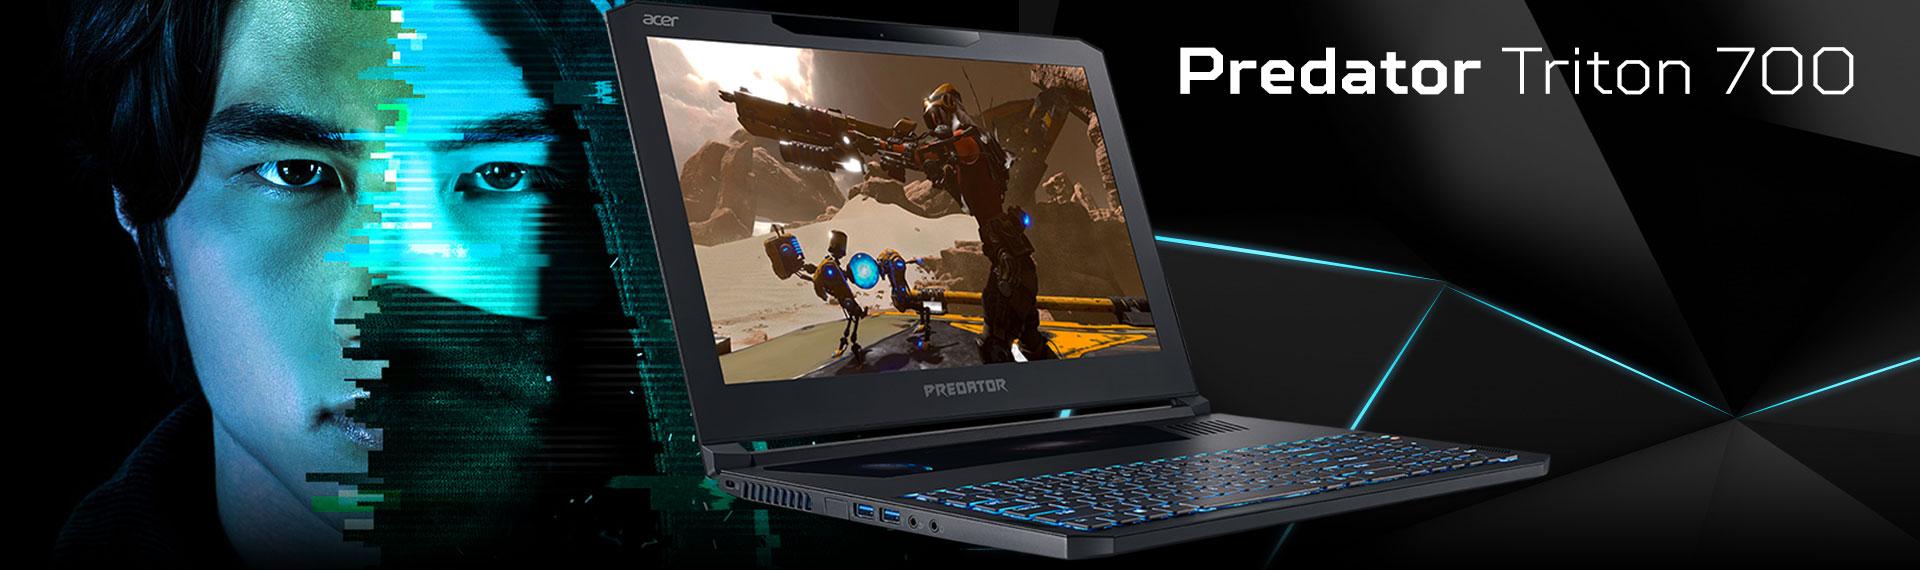 Tidak Semua Ukuran Laptop Game Hardcore Berat dan Tebal, Ini Buktinya!